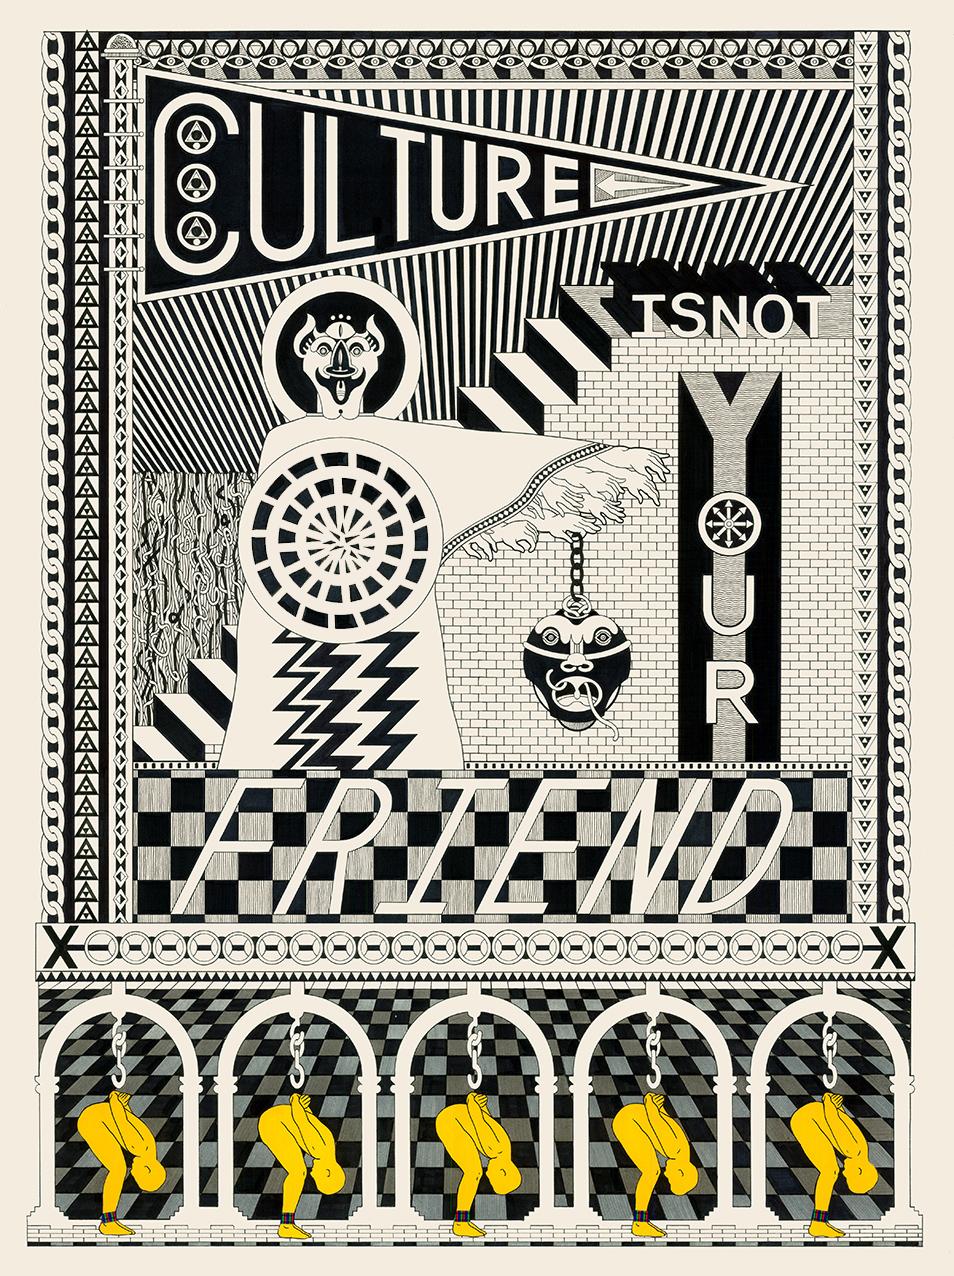 Culture Is Not Your Friend, 2014 Pen, fibre tipped markers, gouache paint on paper 76 x 56 cm